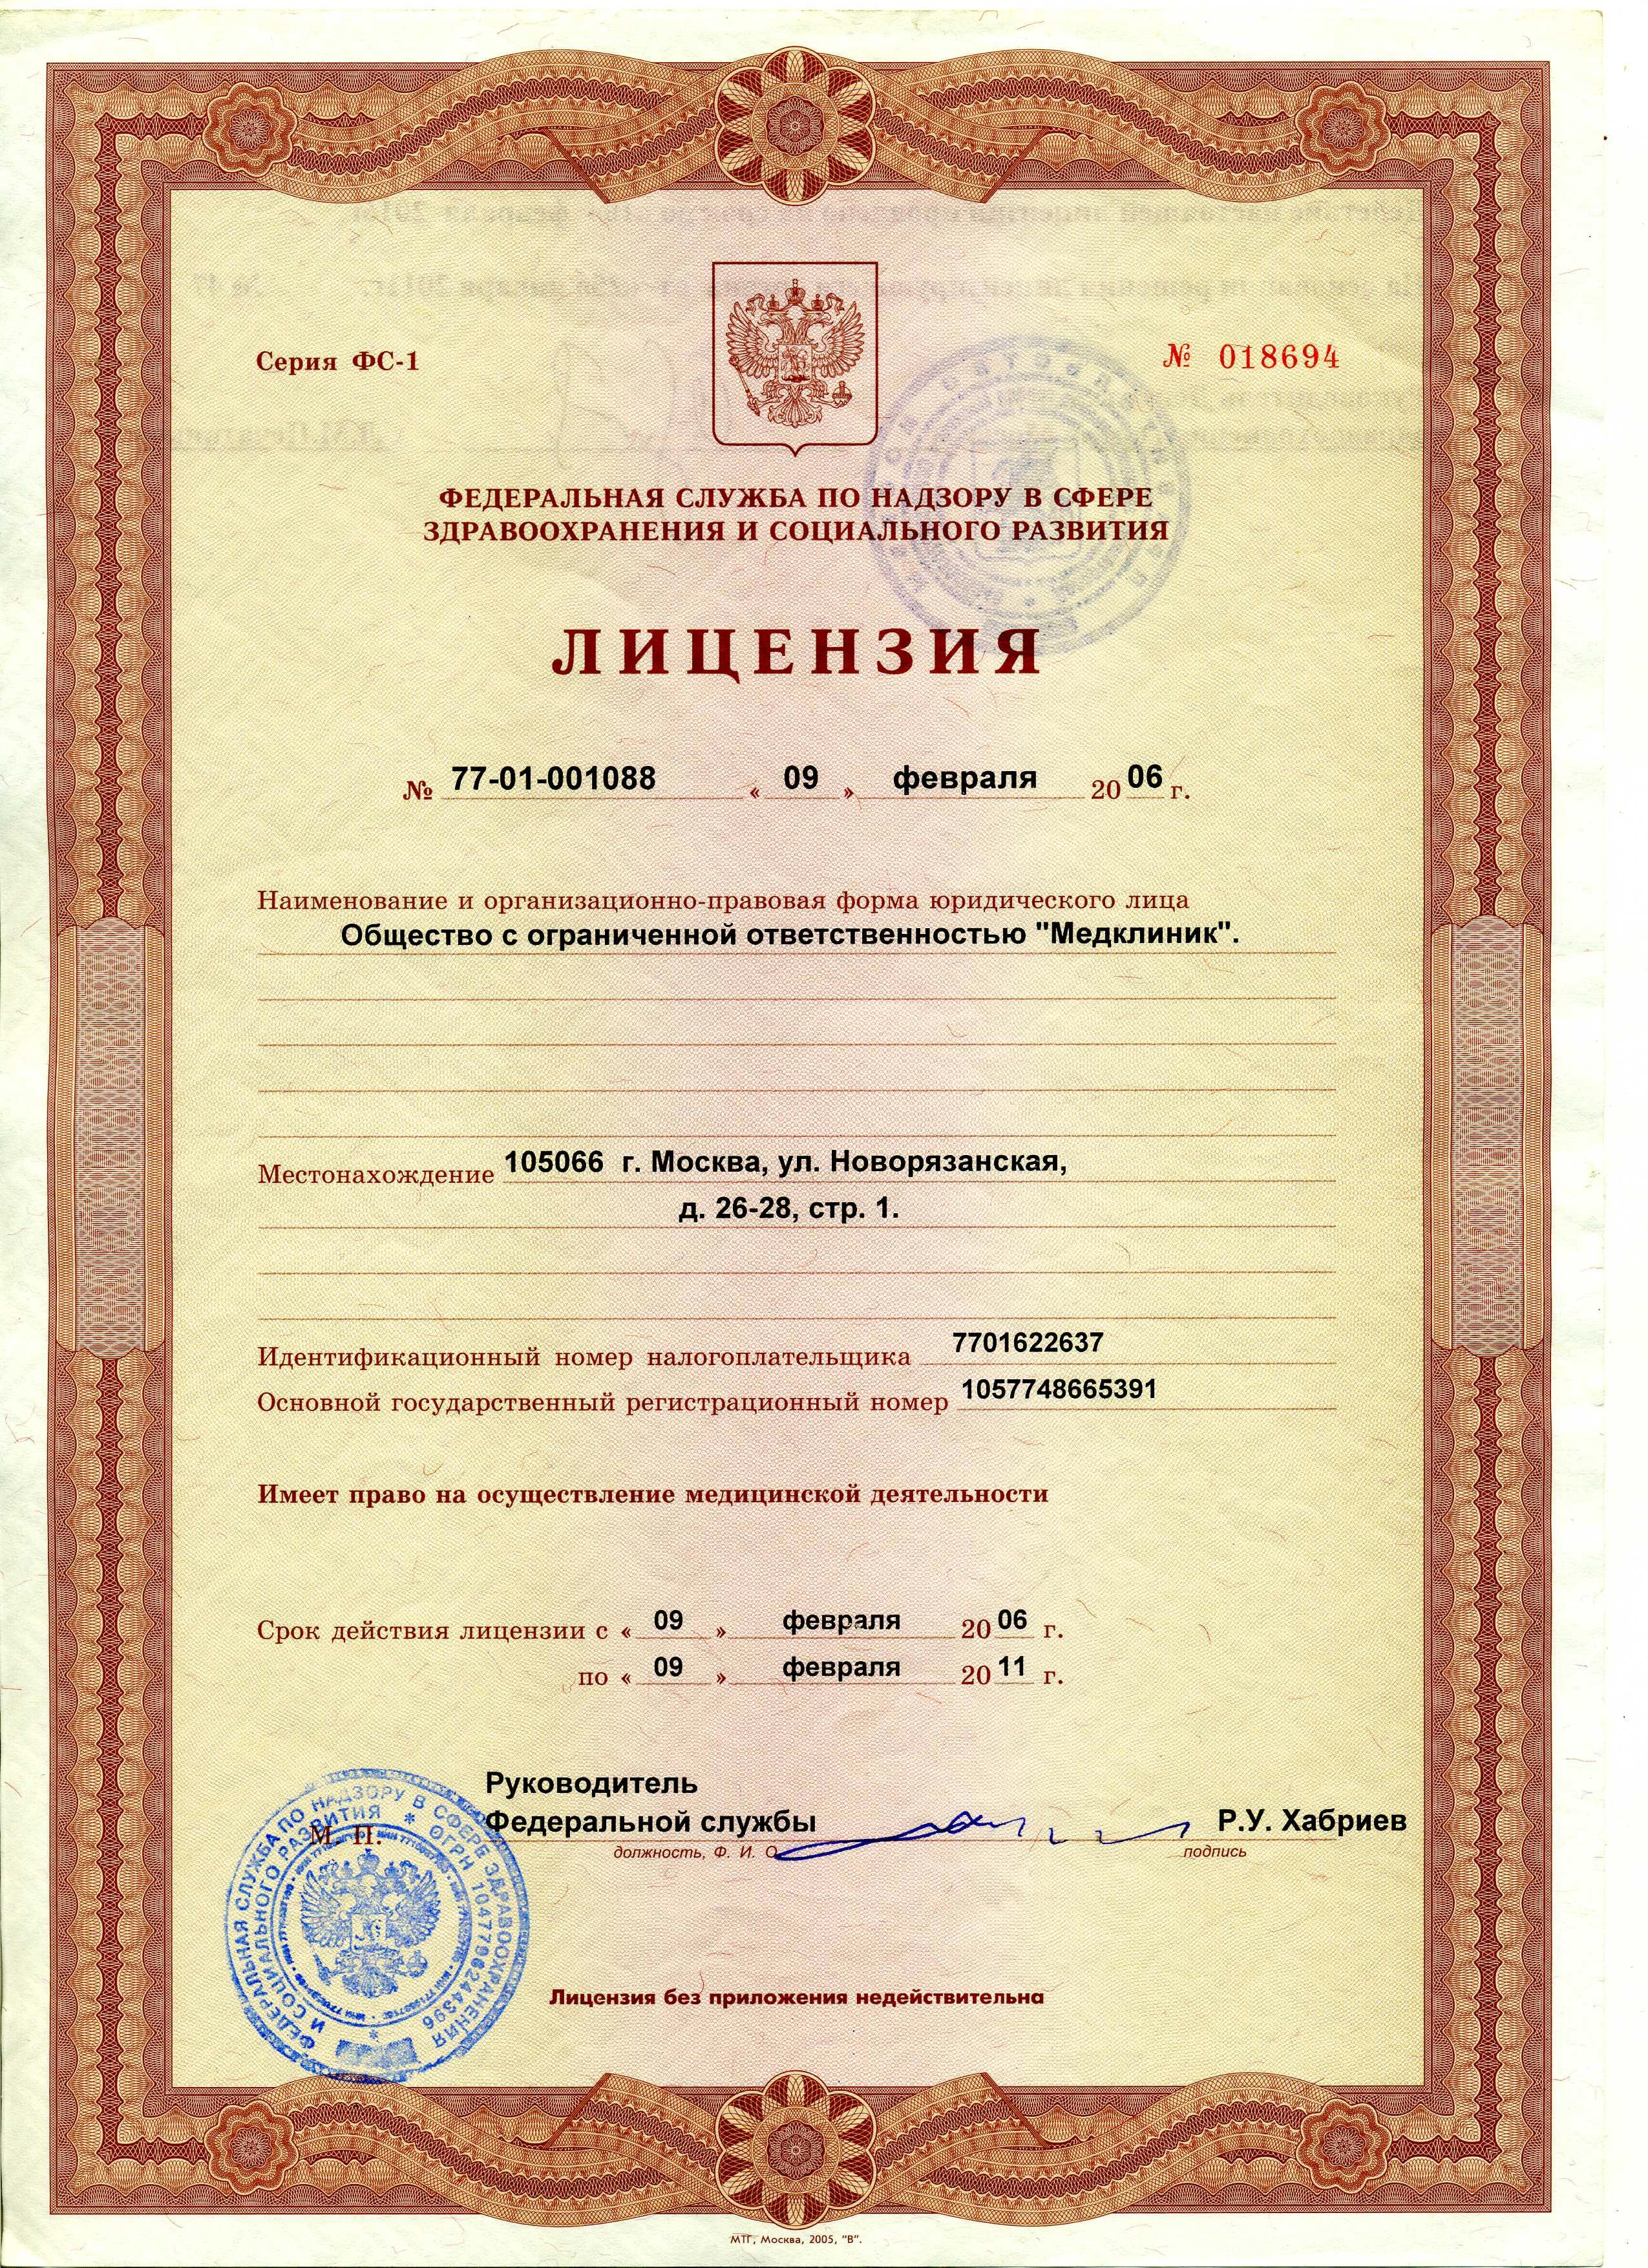 222 поликлиника г москвы